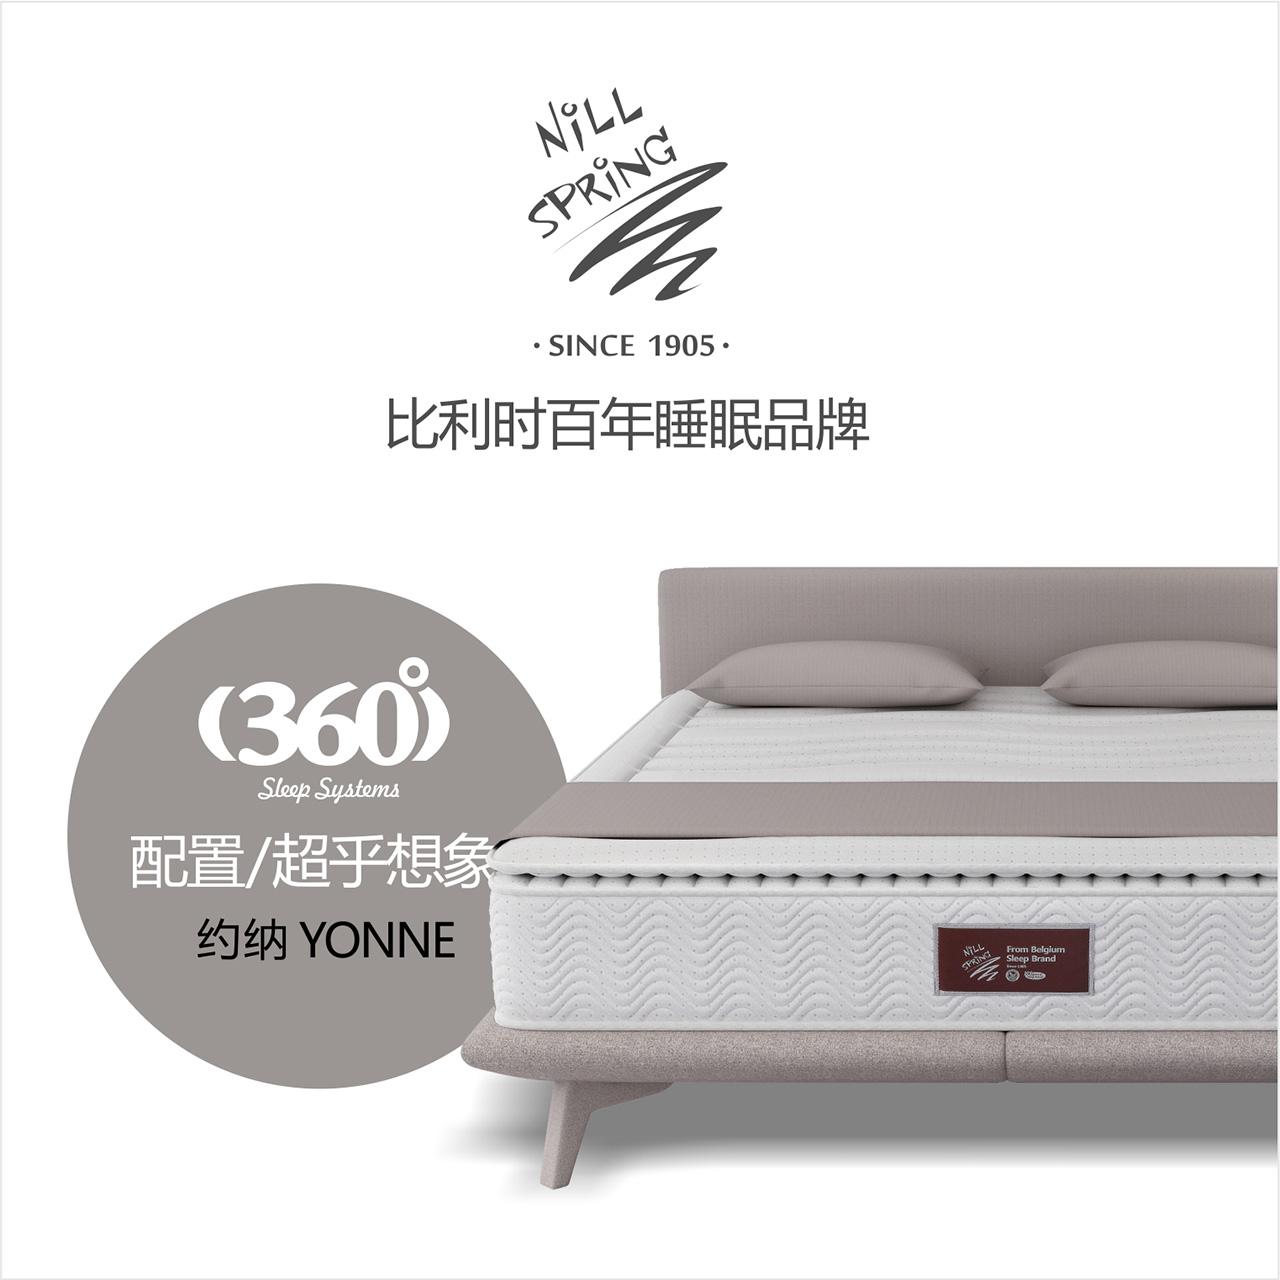 尼丝普林床垫,好床垫,睡的好